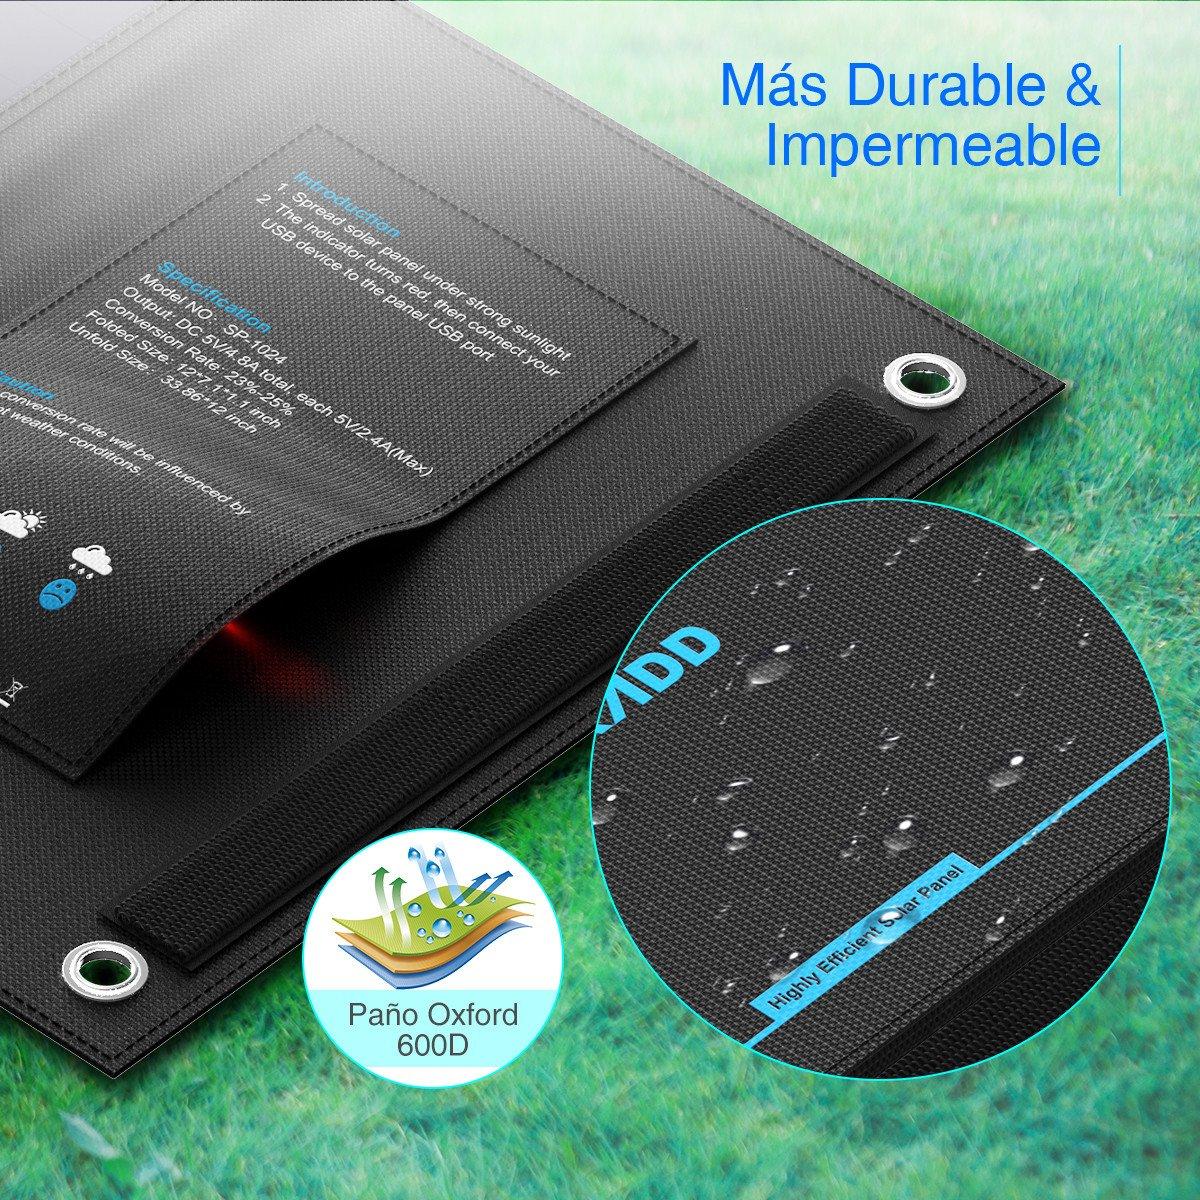 POWERADD Panel Solar 24W Portatil Cargador Solar Plegable con 2 USB de Salida Puertos 5V/2.4A para Dipositivos Móviles USB Recargables